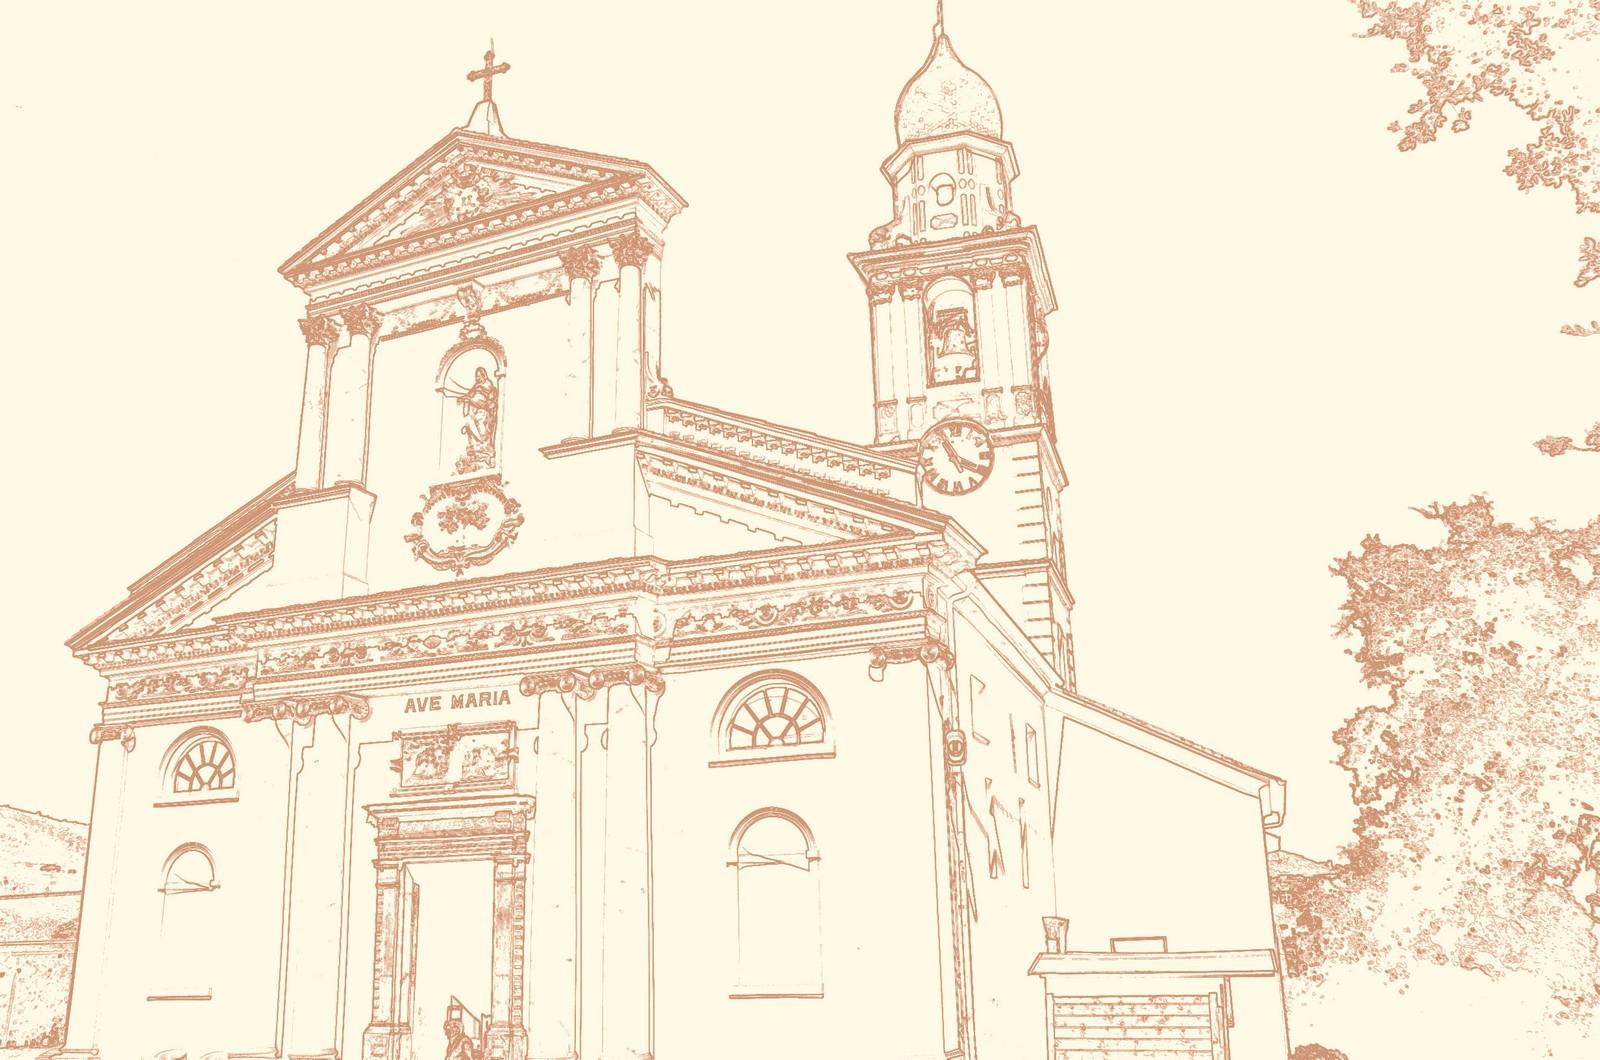 Santuario con Varias Apariciones: Santa María del Roble, Italia (18 abr, 10 may y 27 jul)